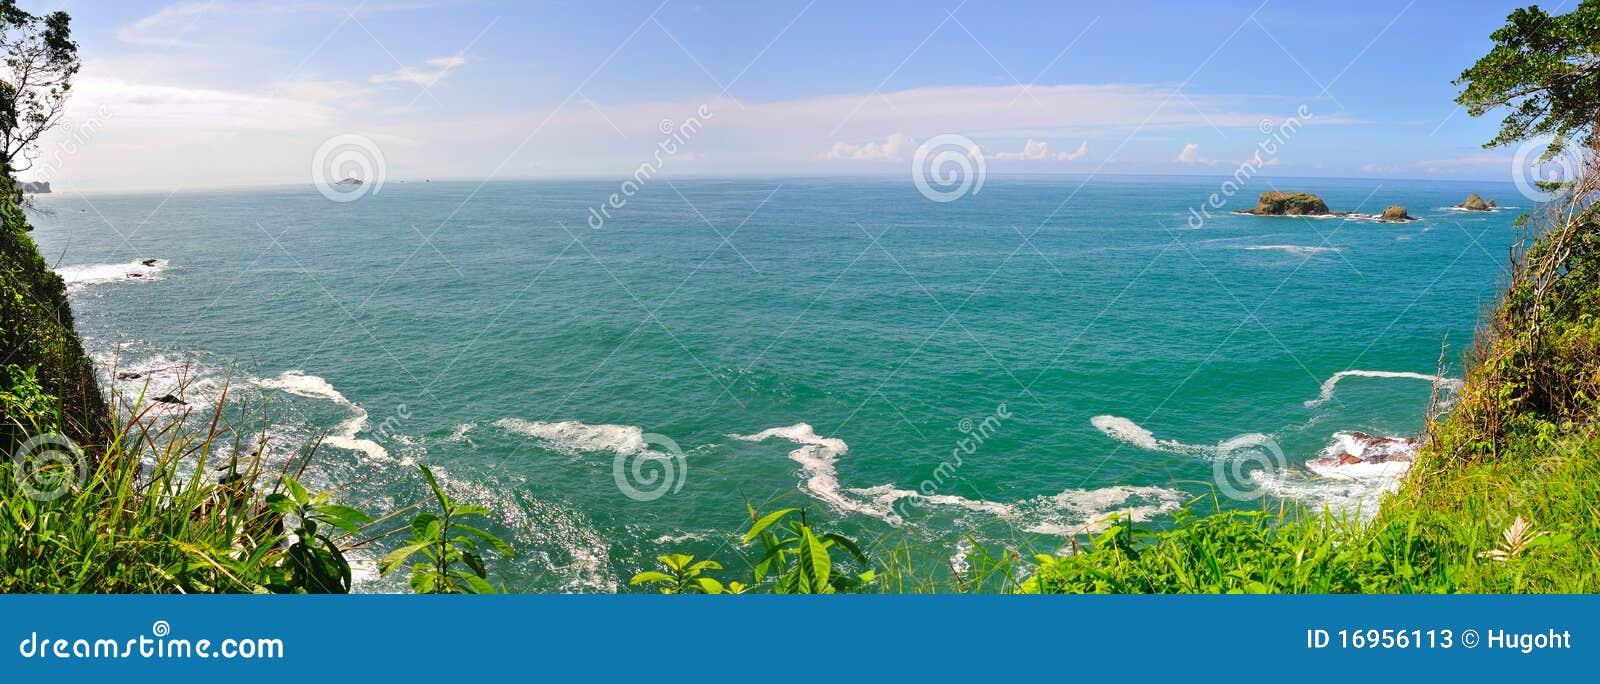 Playa de Manuel Antonio, Costa Rica